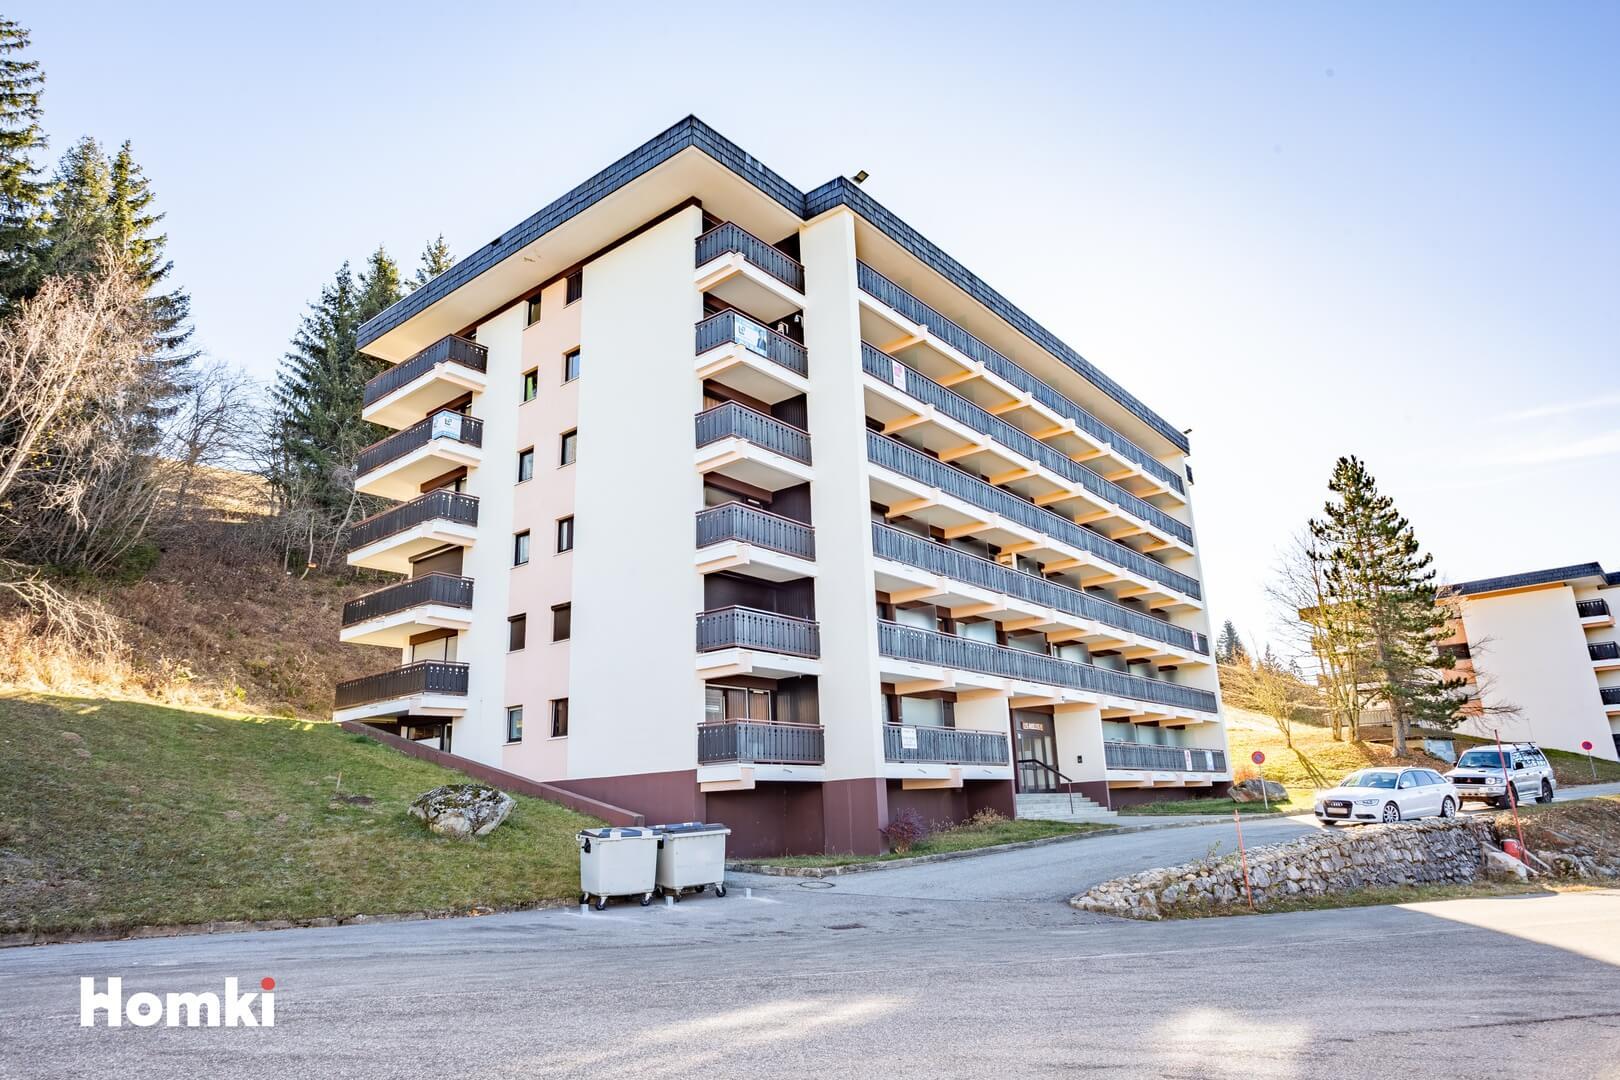 Homki - Vente Appartement  de 27.0 m² à Allevard 38580